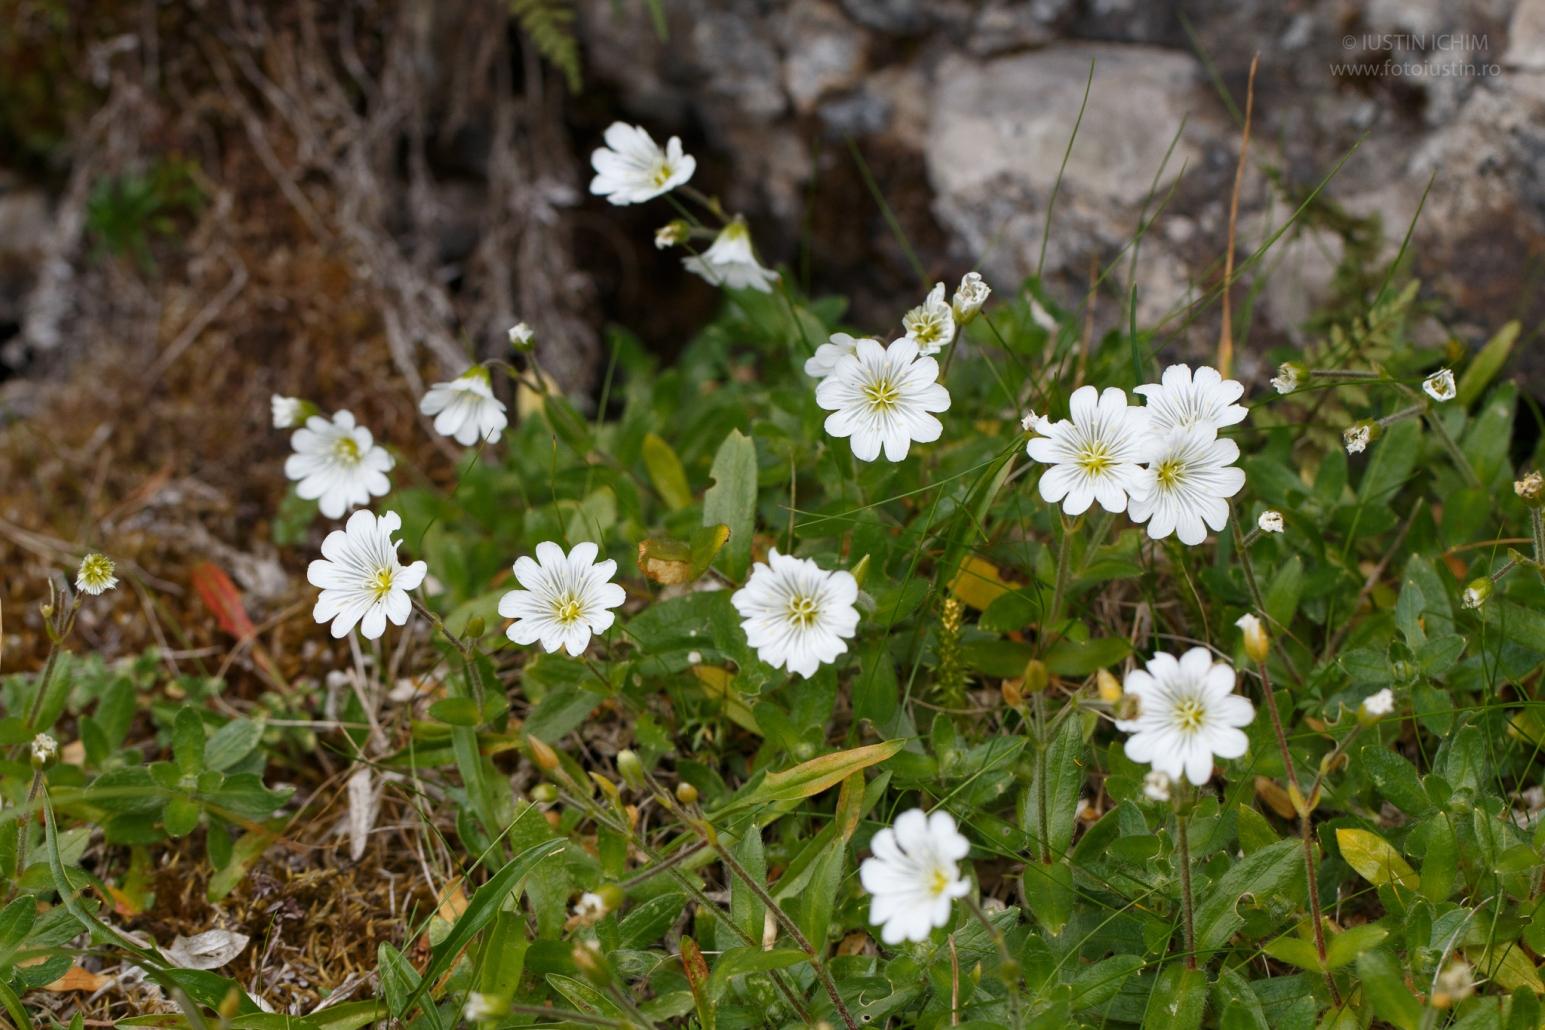 Cerastium alpinum, Cornuț, fam. Caryophyllaceae